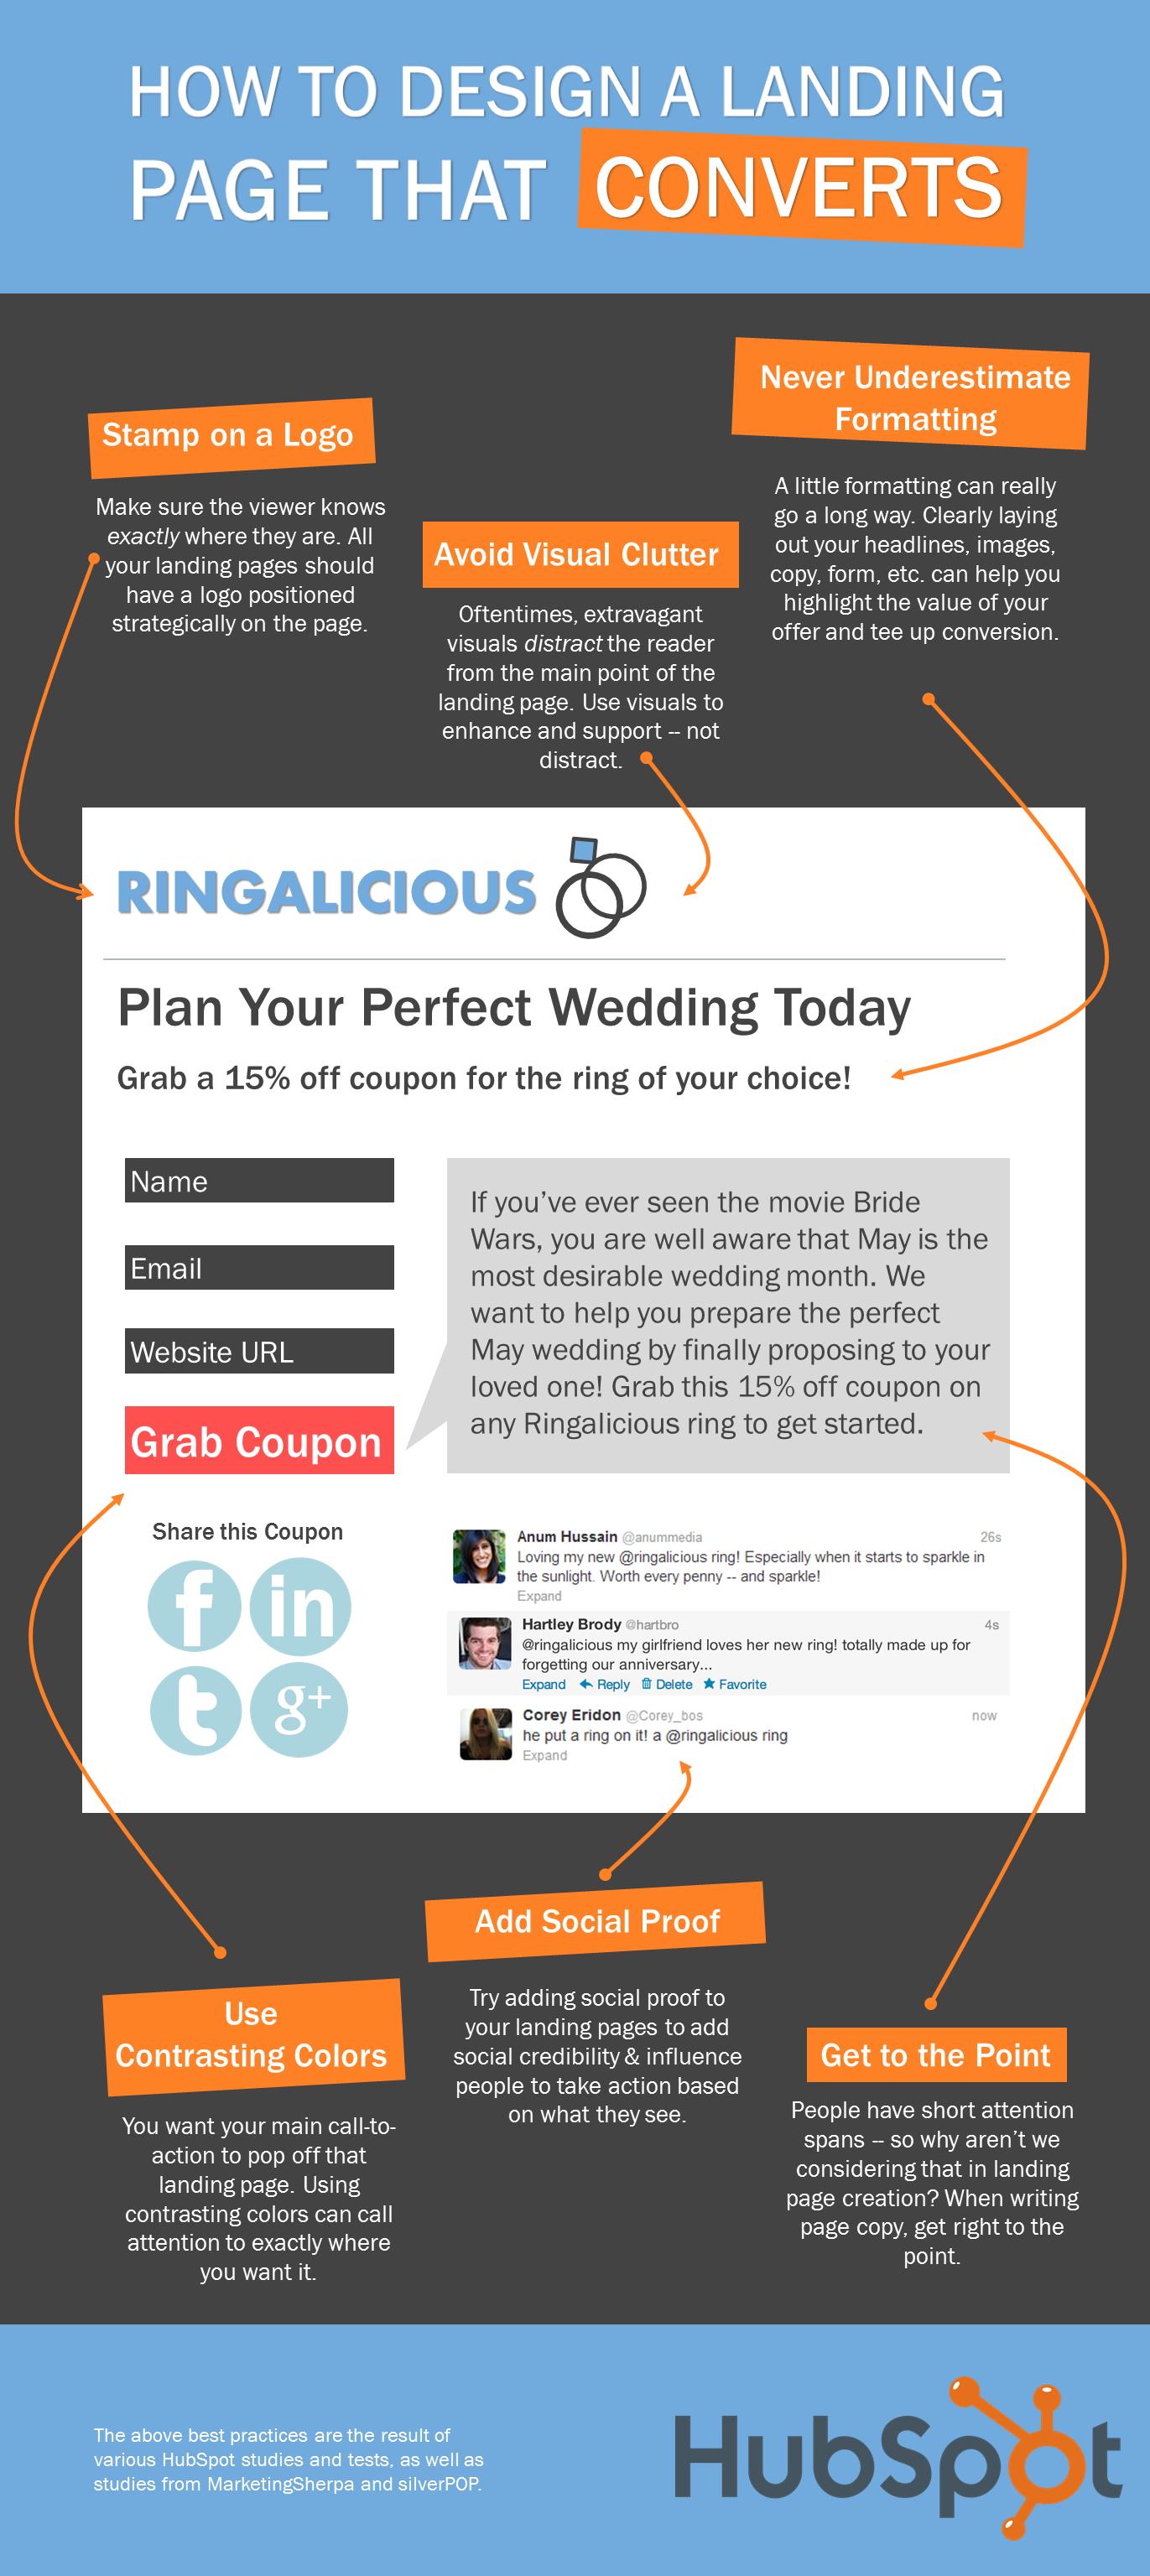 優れたランディングページを作るためのコツをまとめたHubSpotのインフォグラフィック